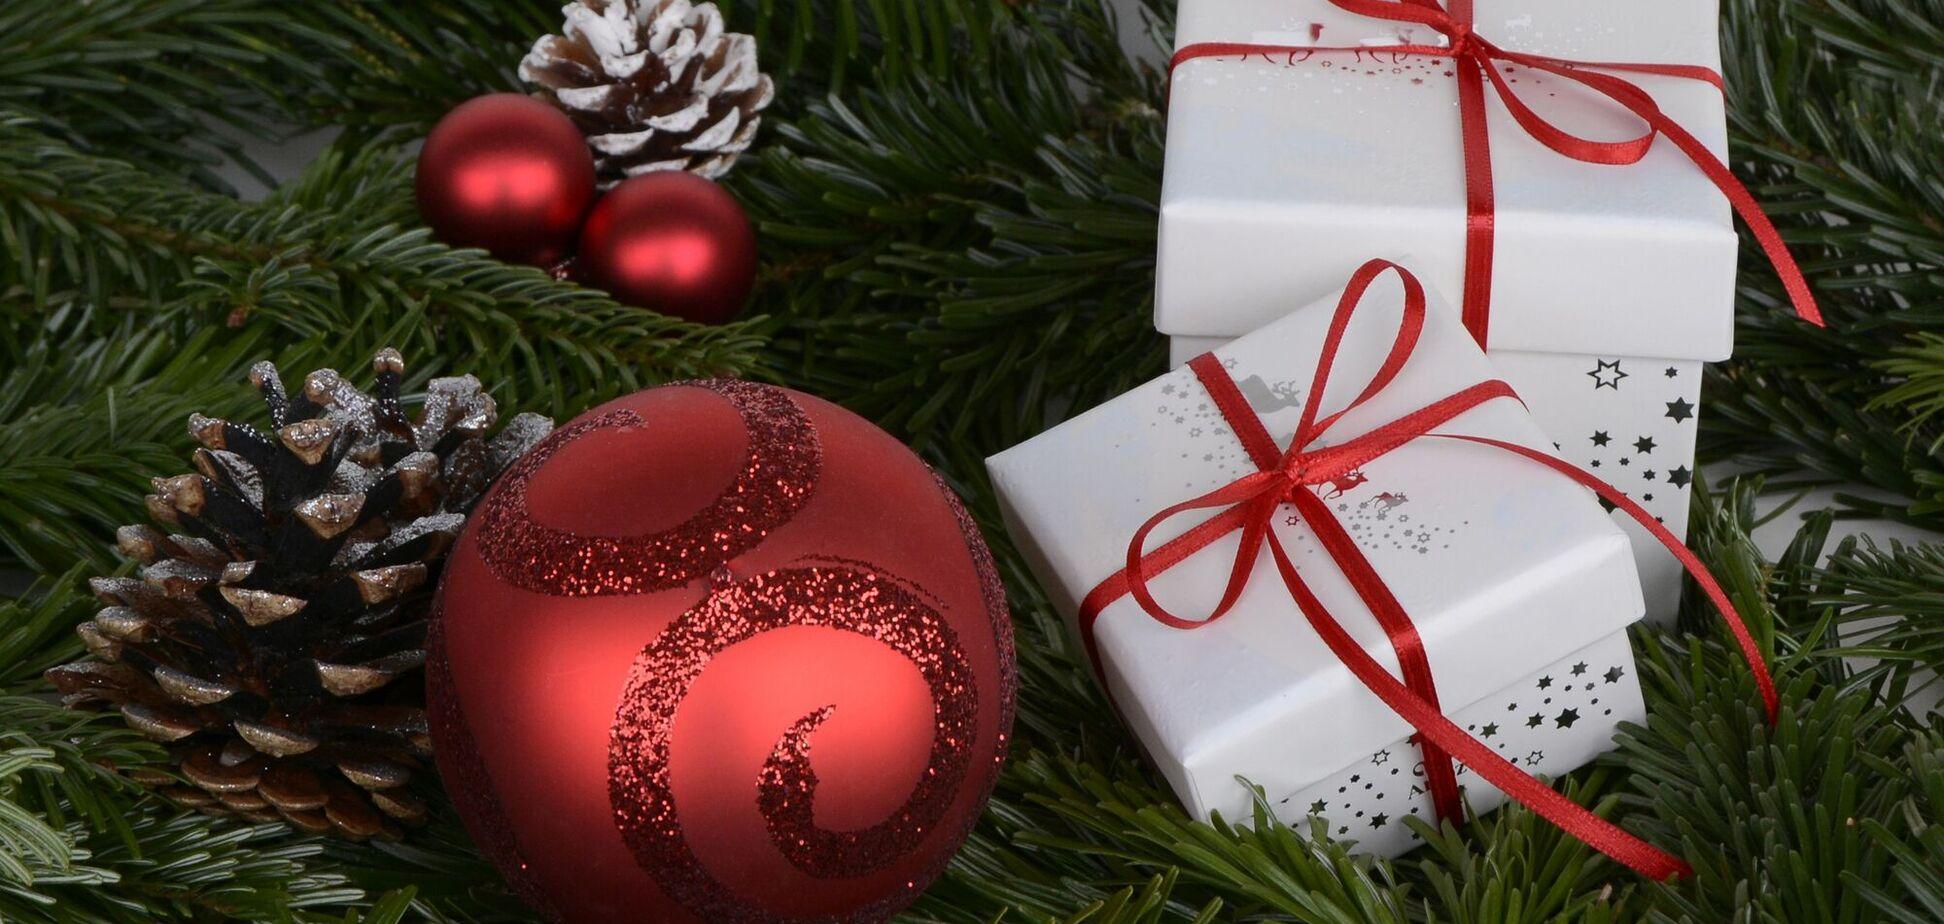 Перш ніж вибрати подарунок для коханої людини, варто дізнатися про її вподобання